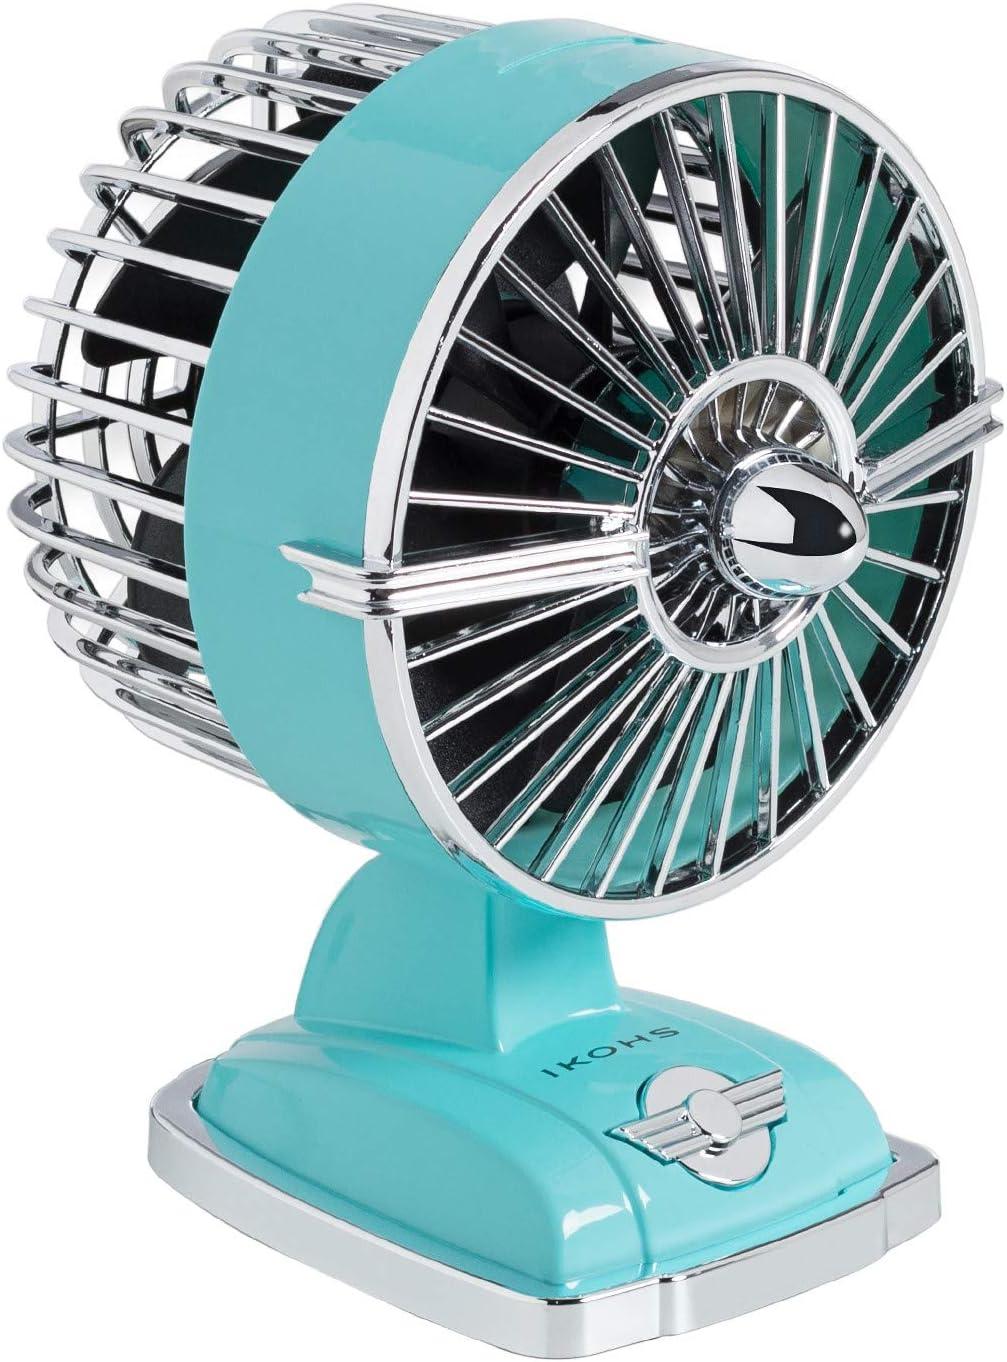 IKOHS Ventilador de Mesa Retro Line VT1511-IK USB 1.5W Capri - (Elige Color)